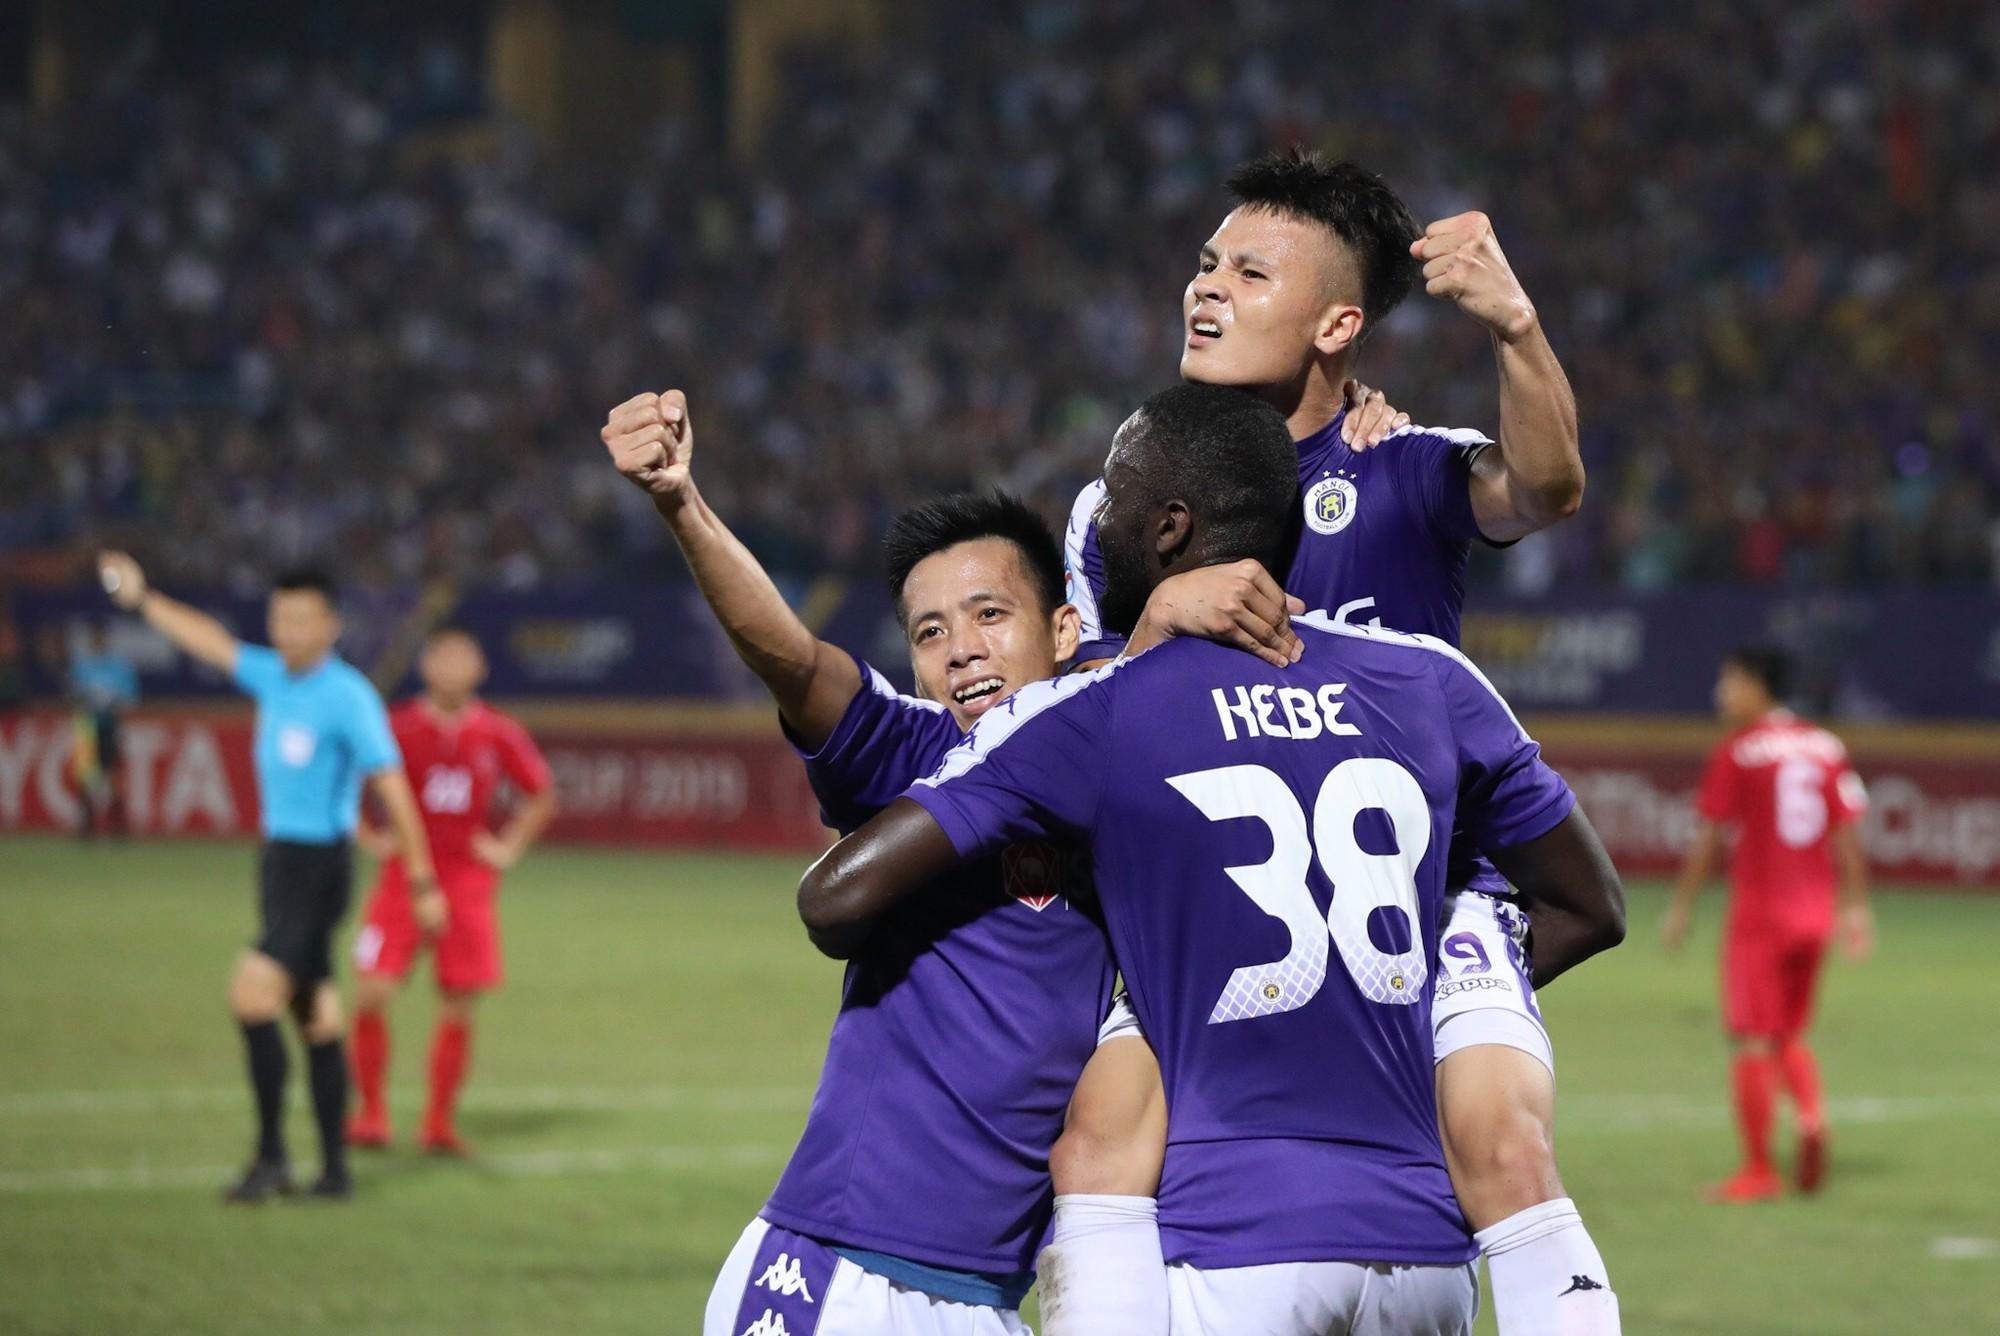 Hình ảnh: Hòa đáng tiếc, Hà Nội FC để vàng rơi cuối trận số 1